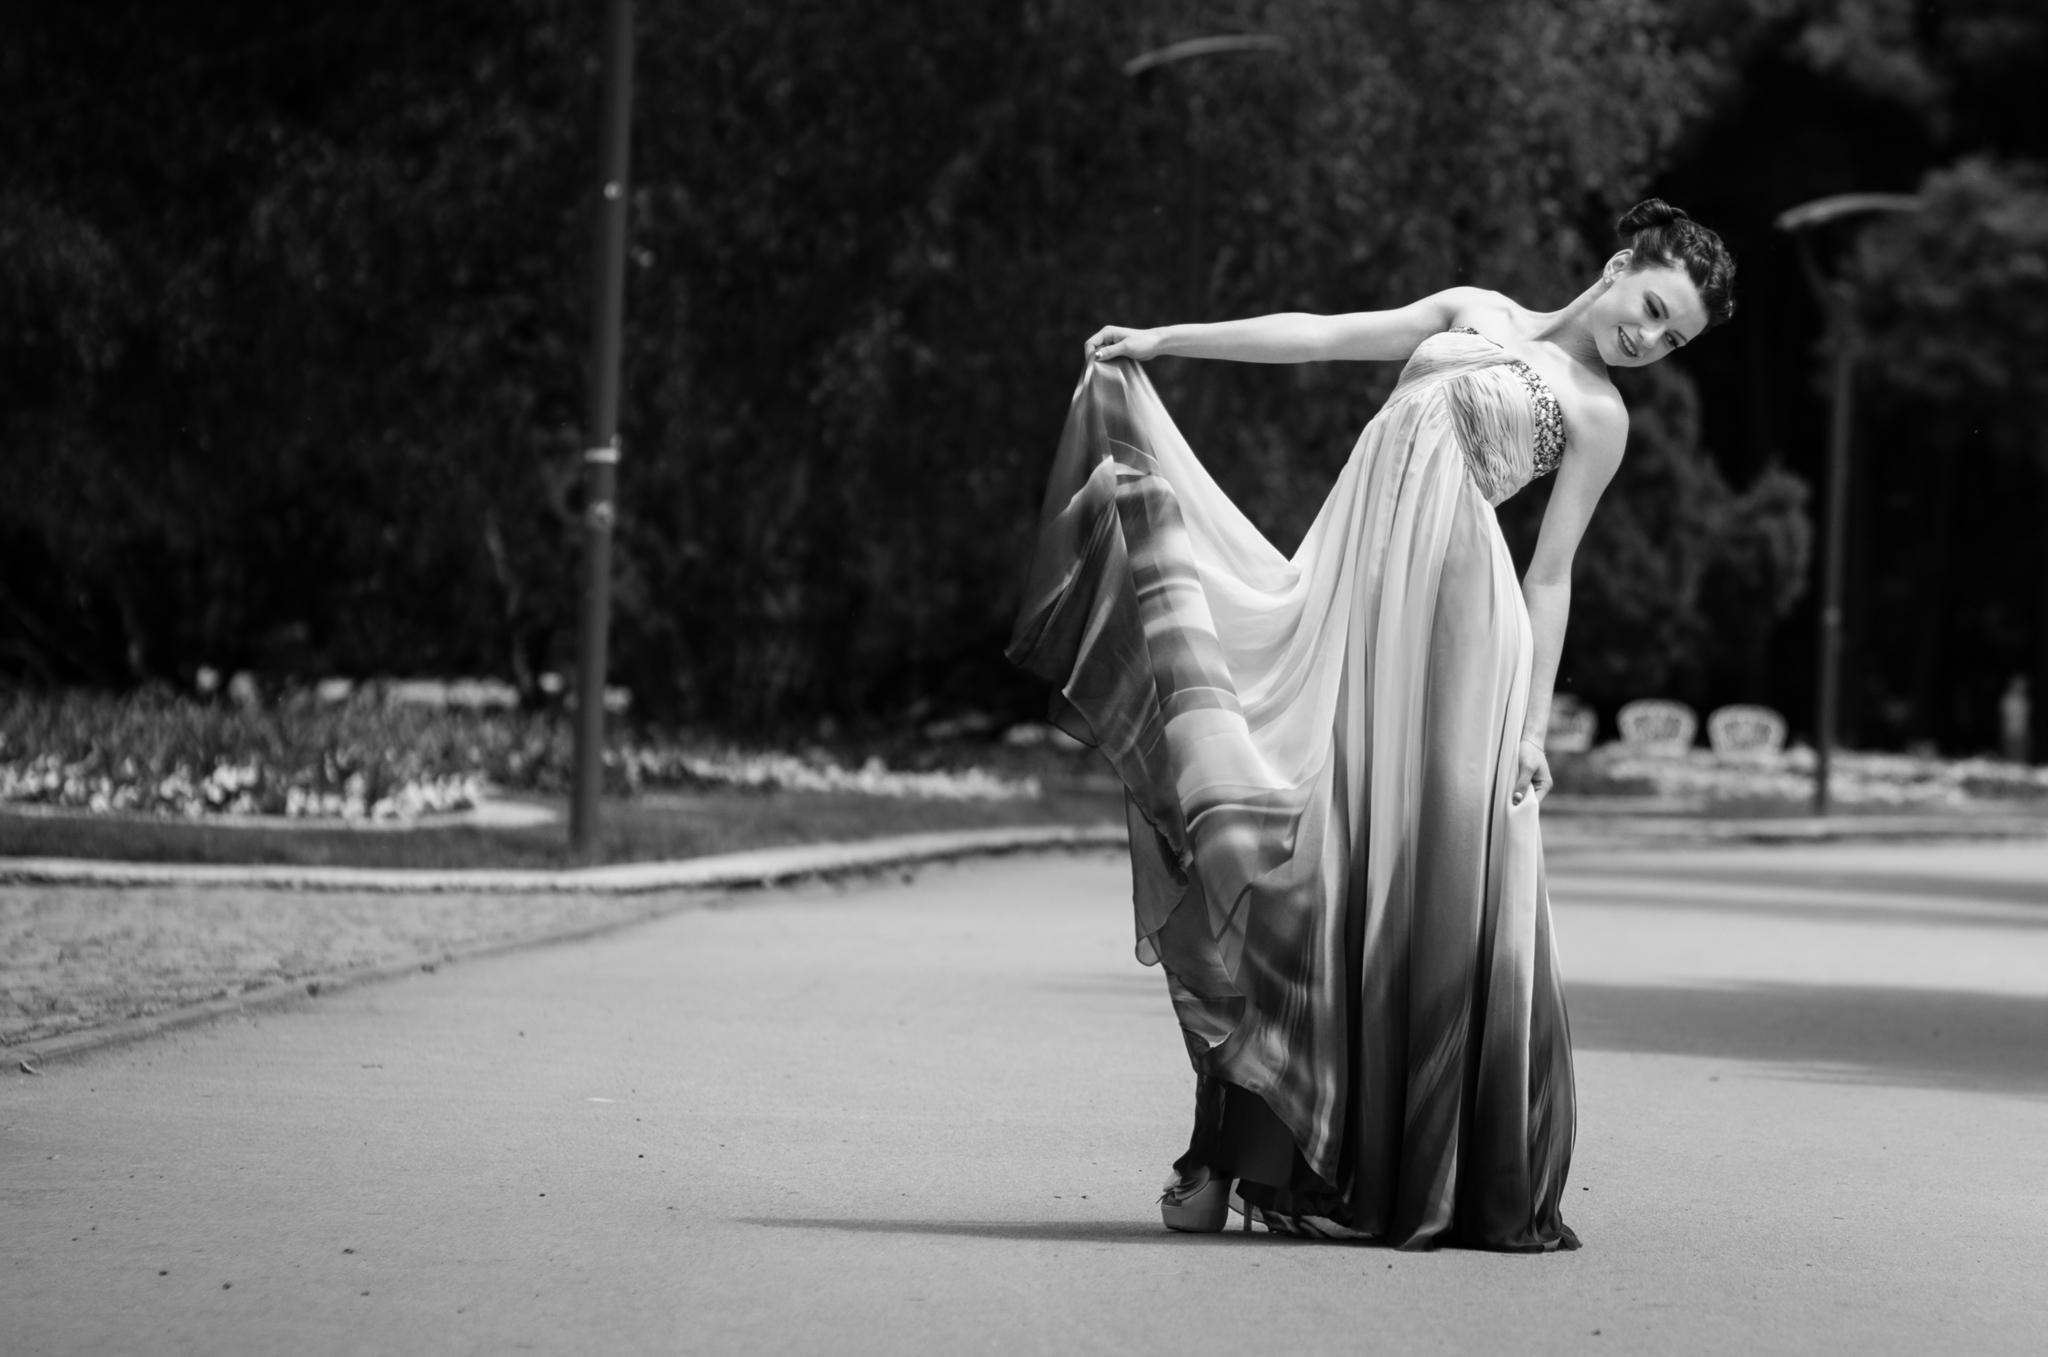 © Borislav Hristov